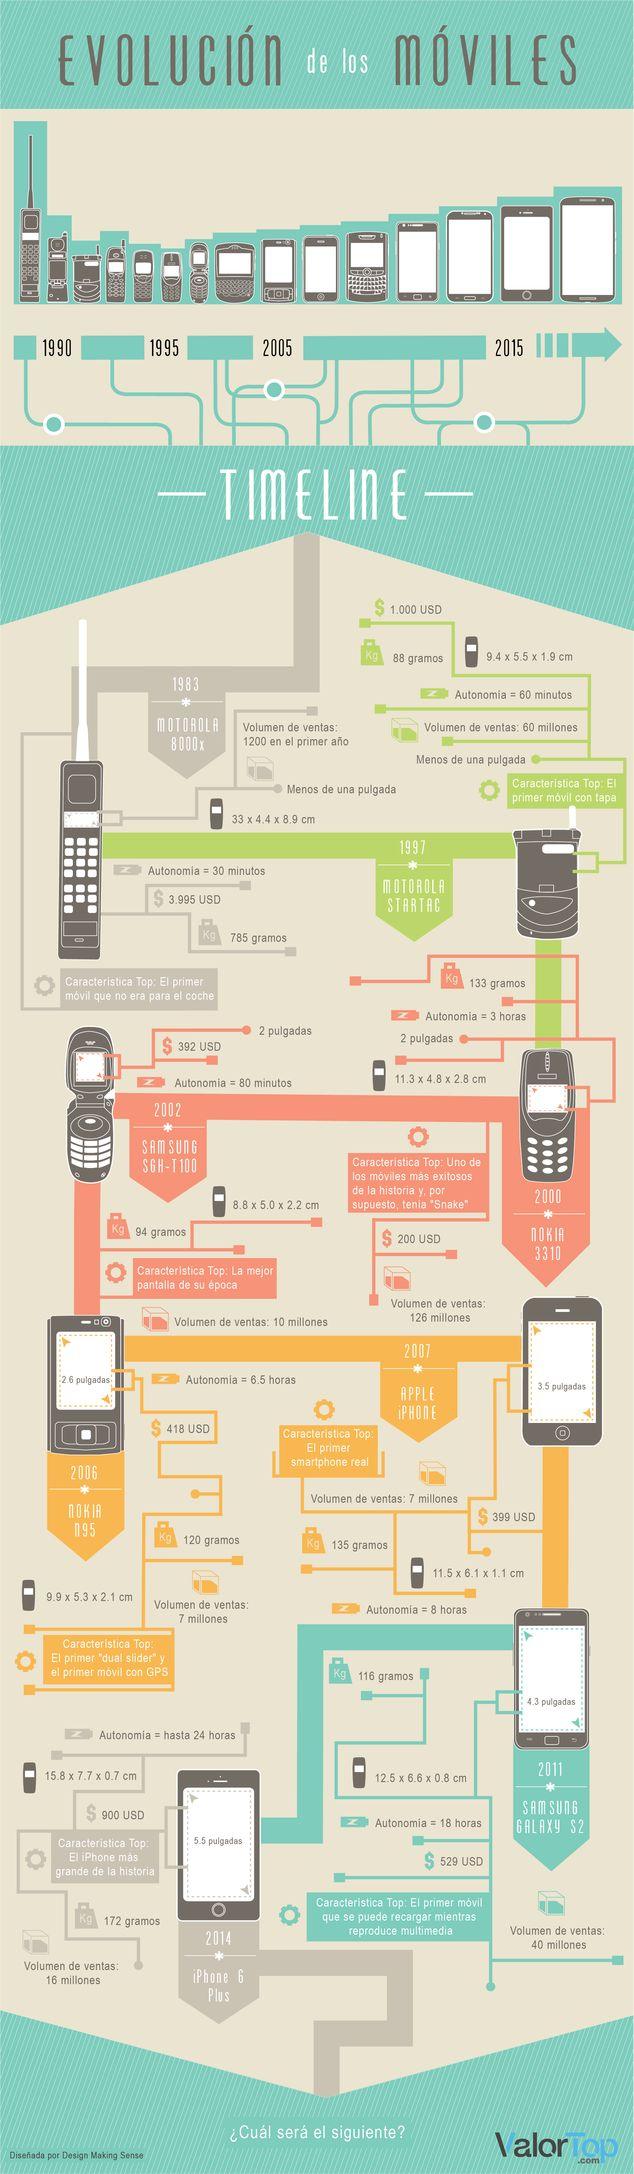 Evolución e historia móviles